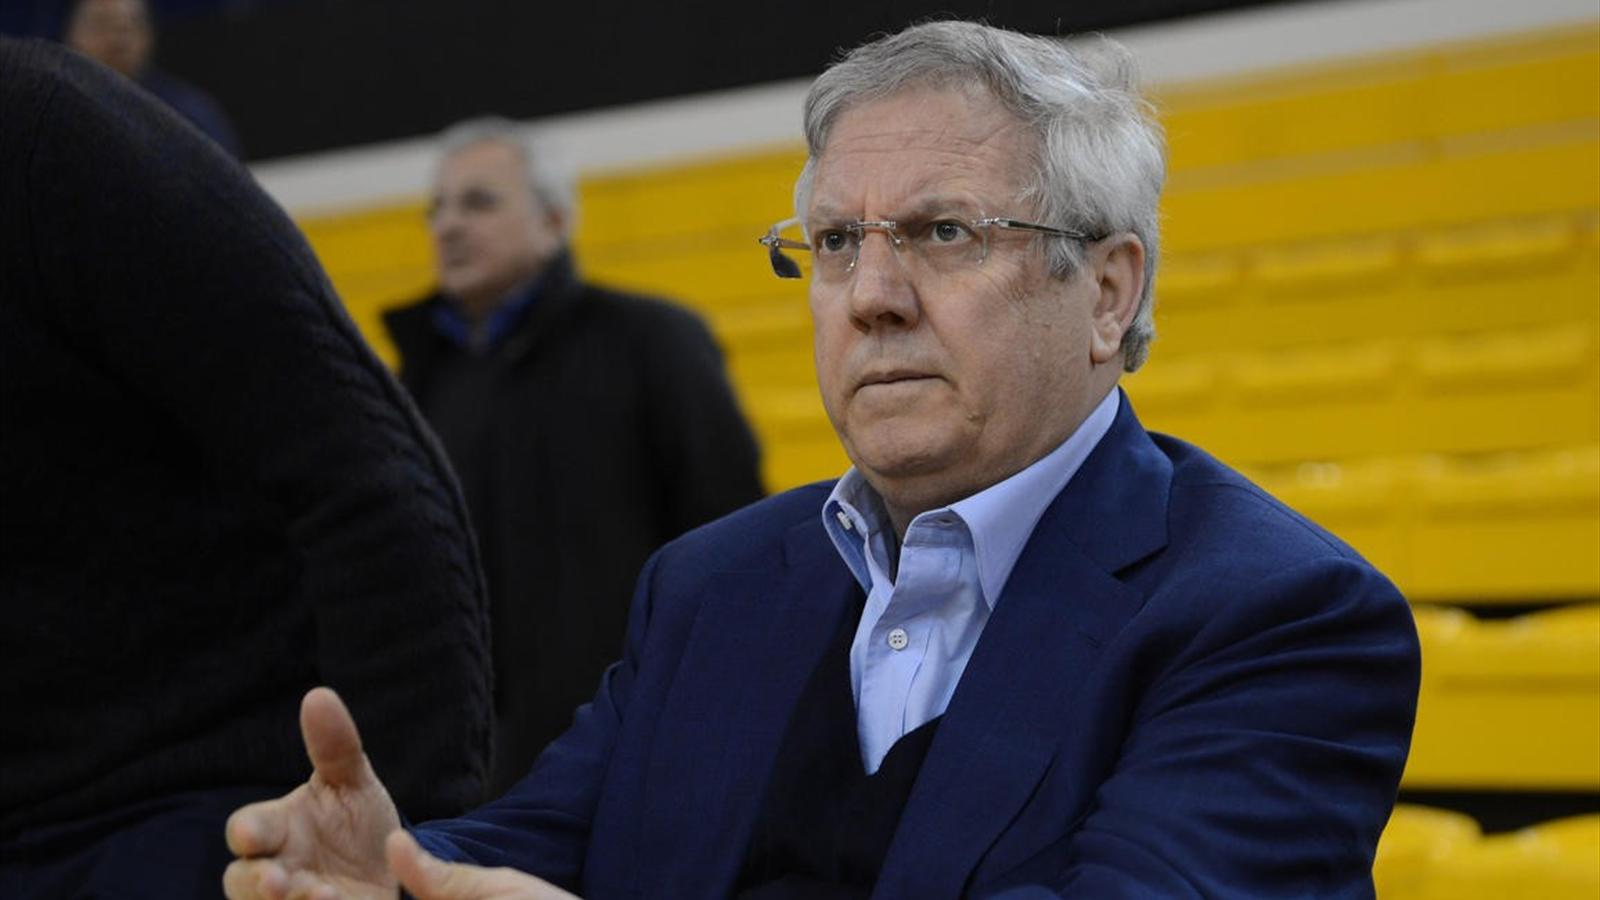 İşte Yargıtay Başsavcılığı'nın Fenerbahçe kararı